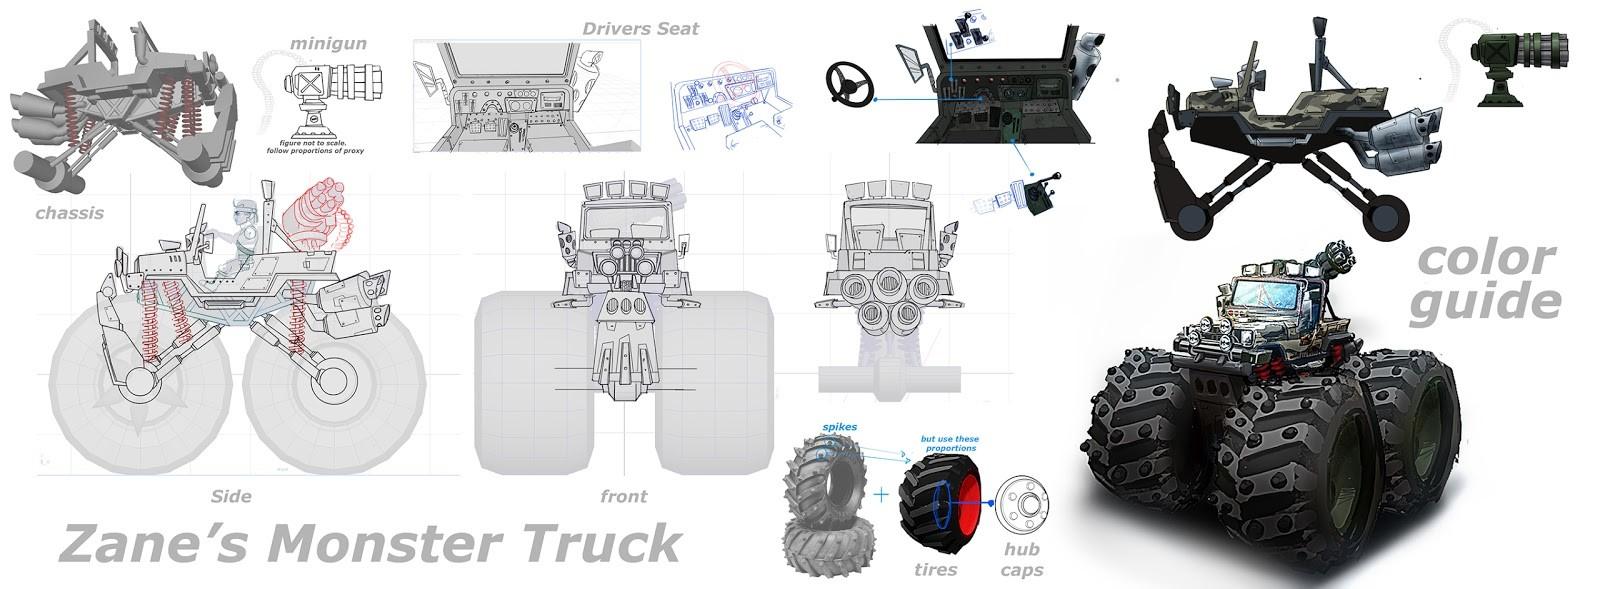 Jose cua monster truck breakdown